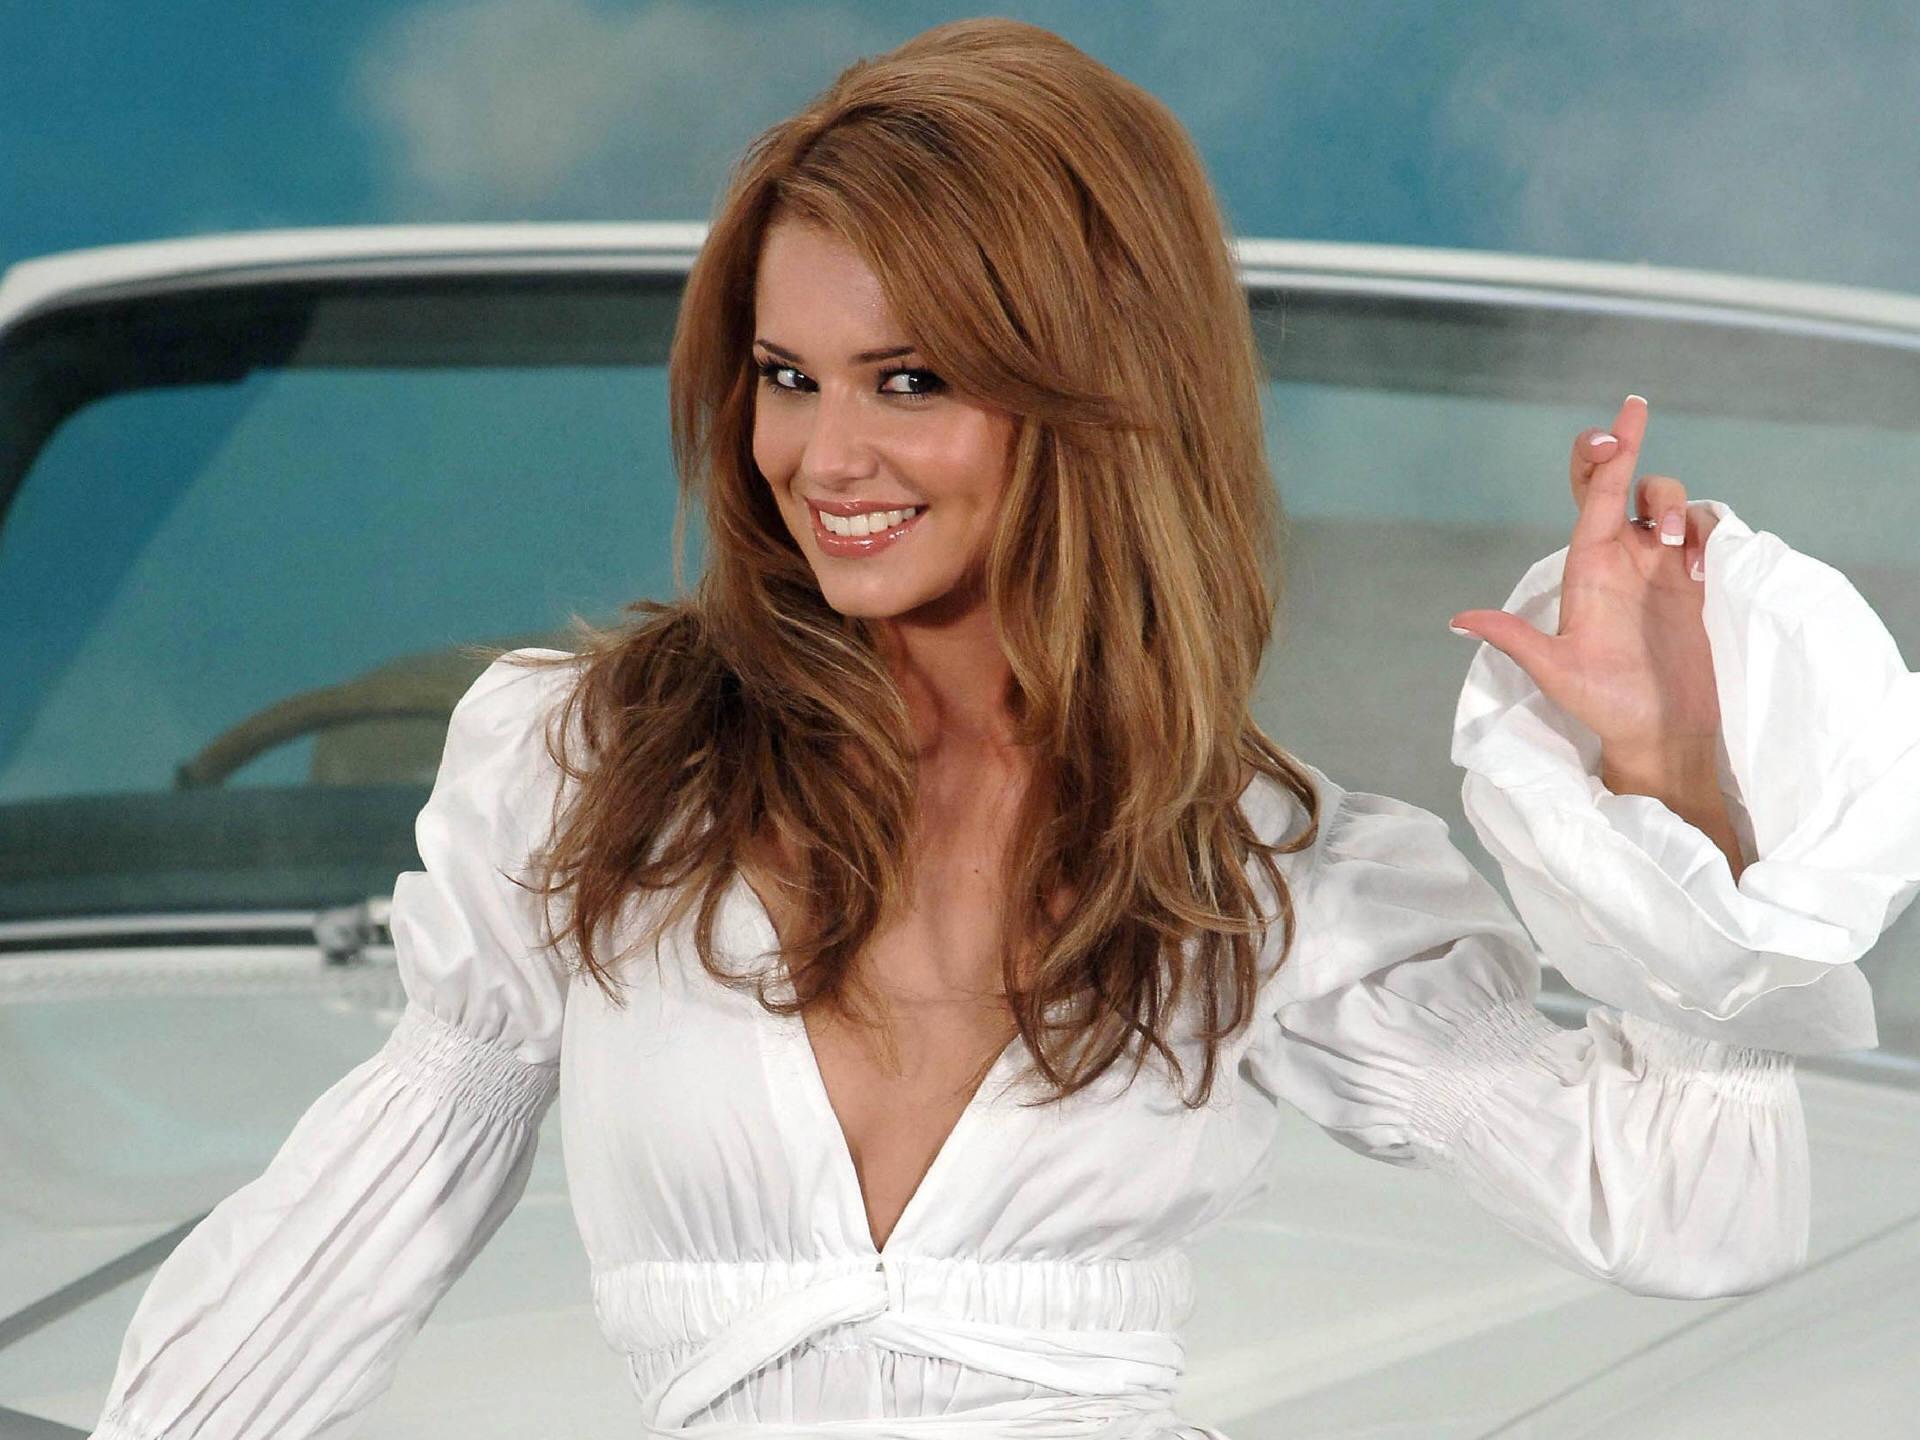 Самые красивые девушки в блузках 6 фотография